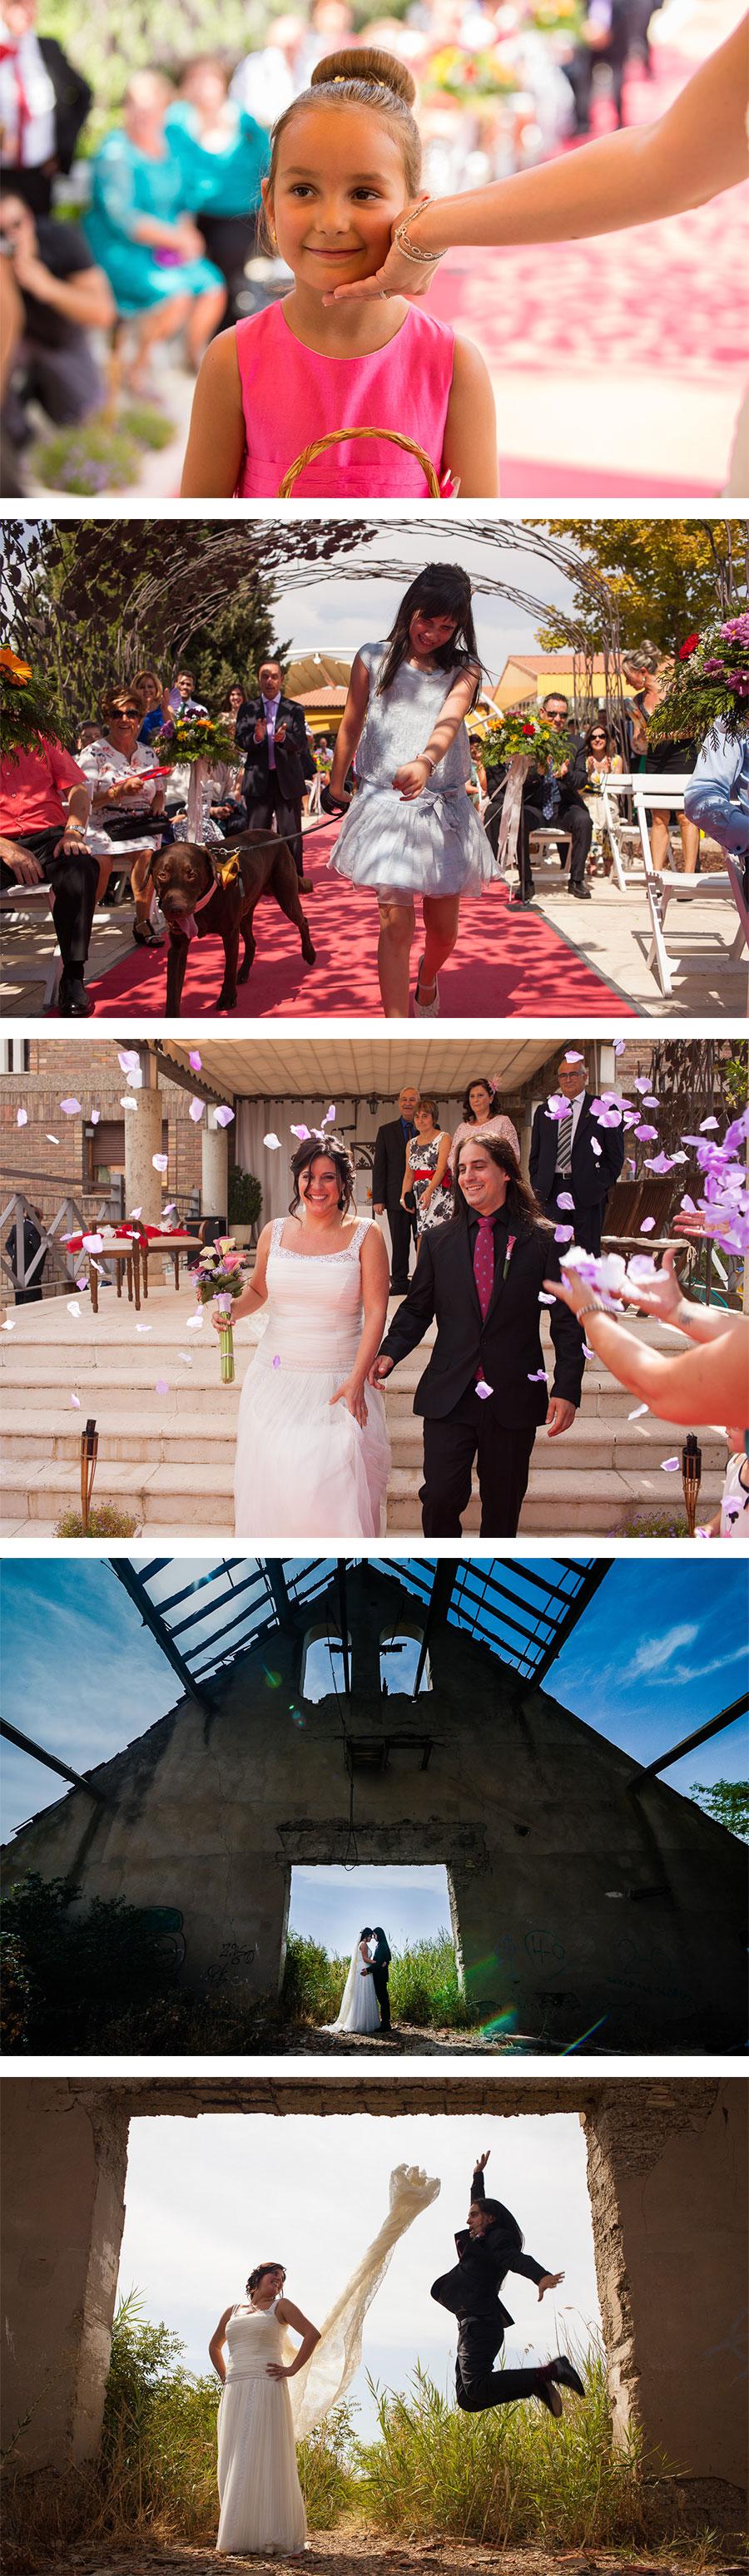 Reportaje de boda en fina el lebrel